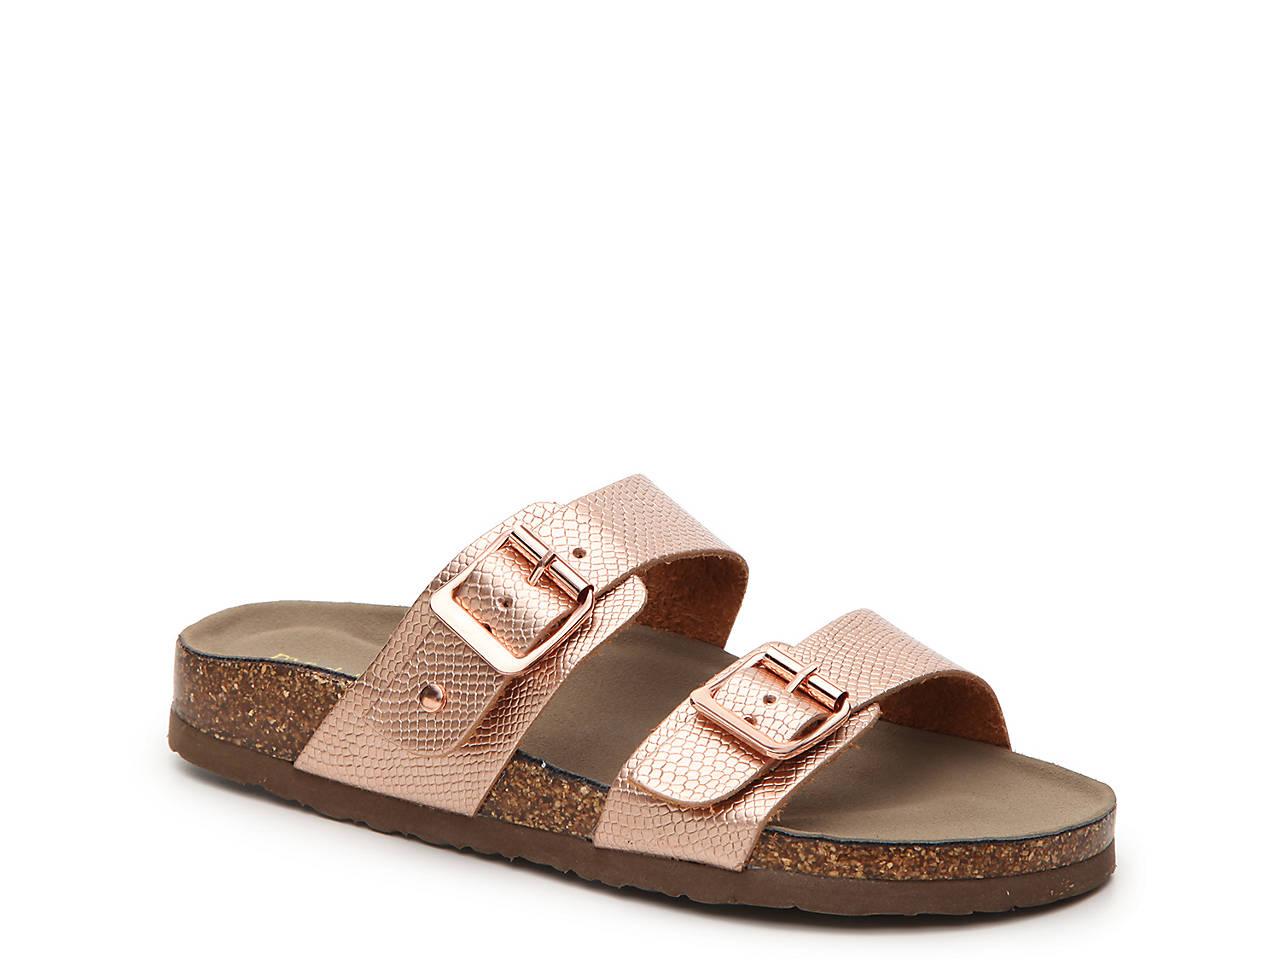 0b694a31f215 Madden Girl Brando Sandal Women s Shoes